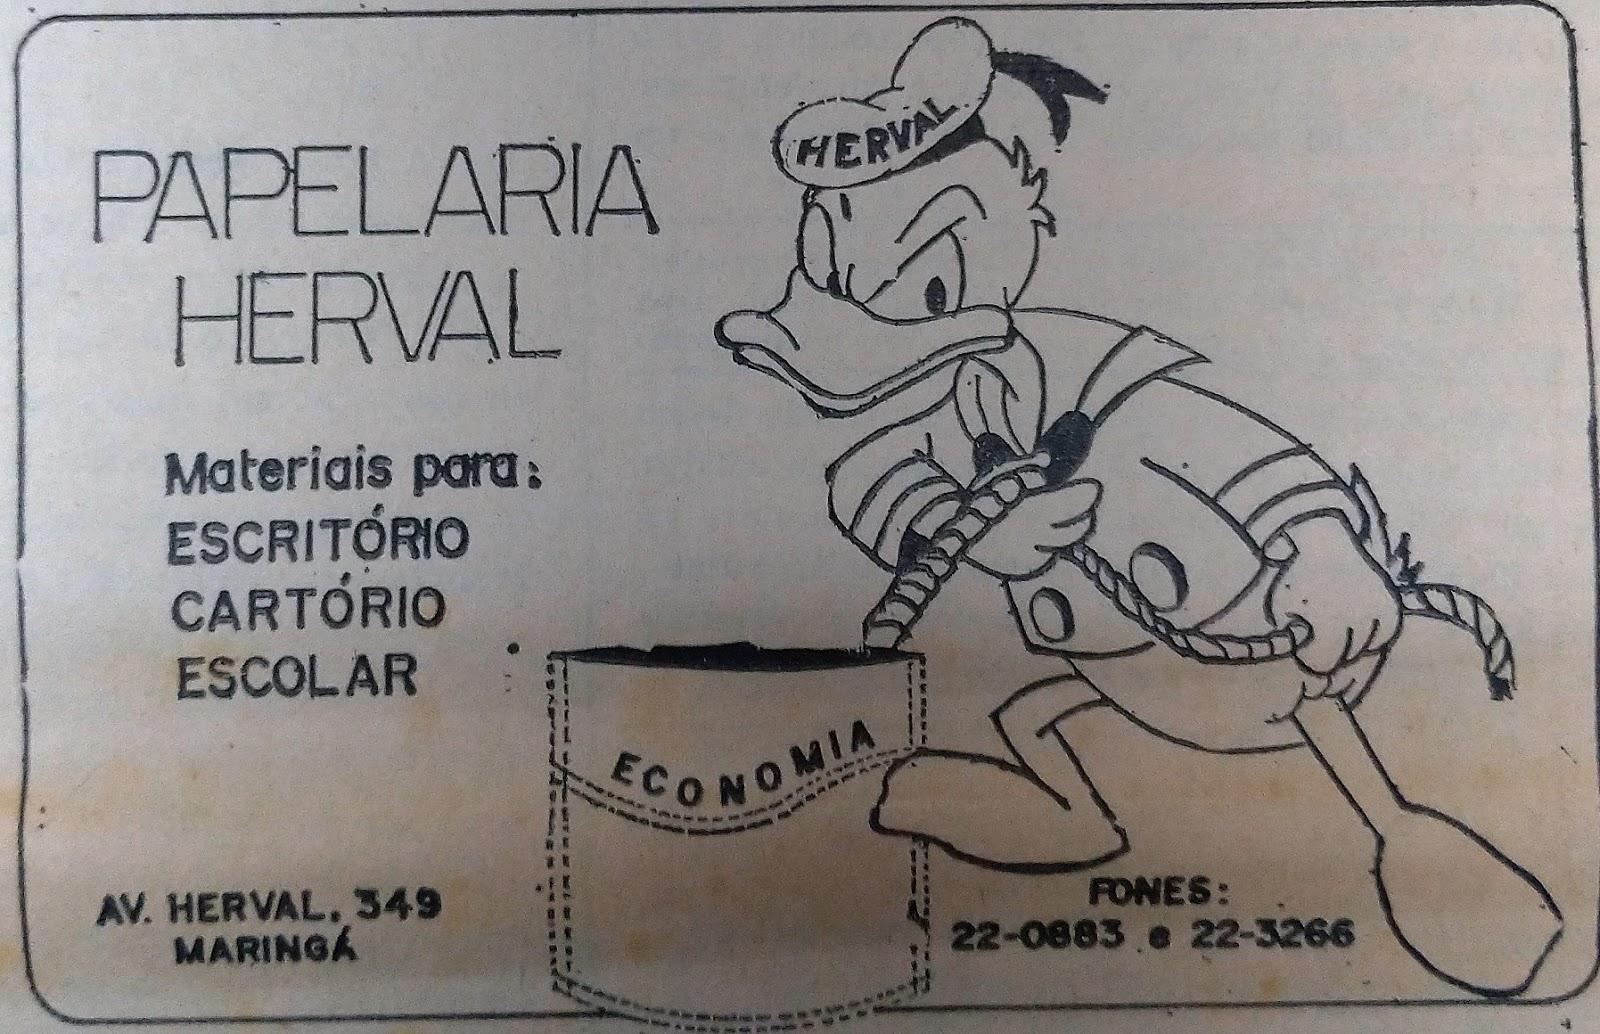 Anúncio: Papelaria Herval - 1978